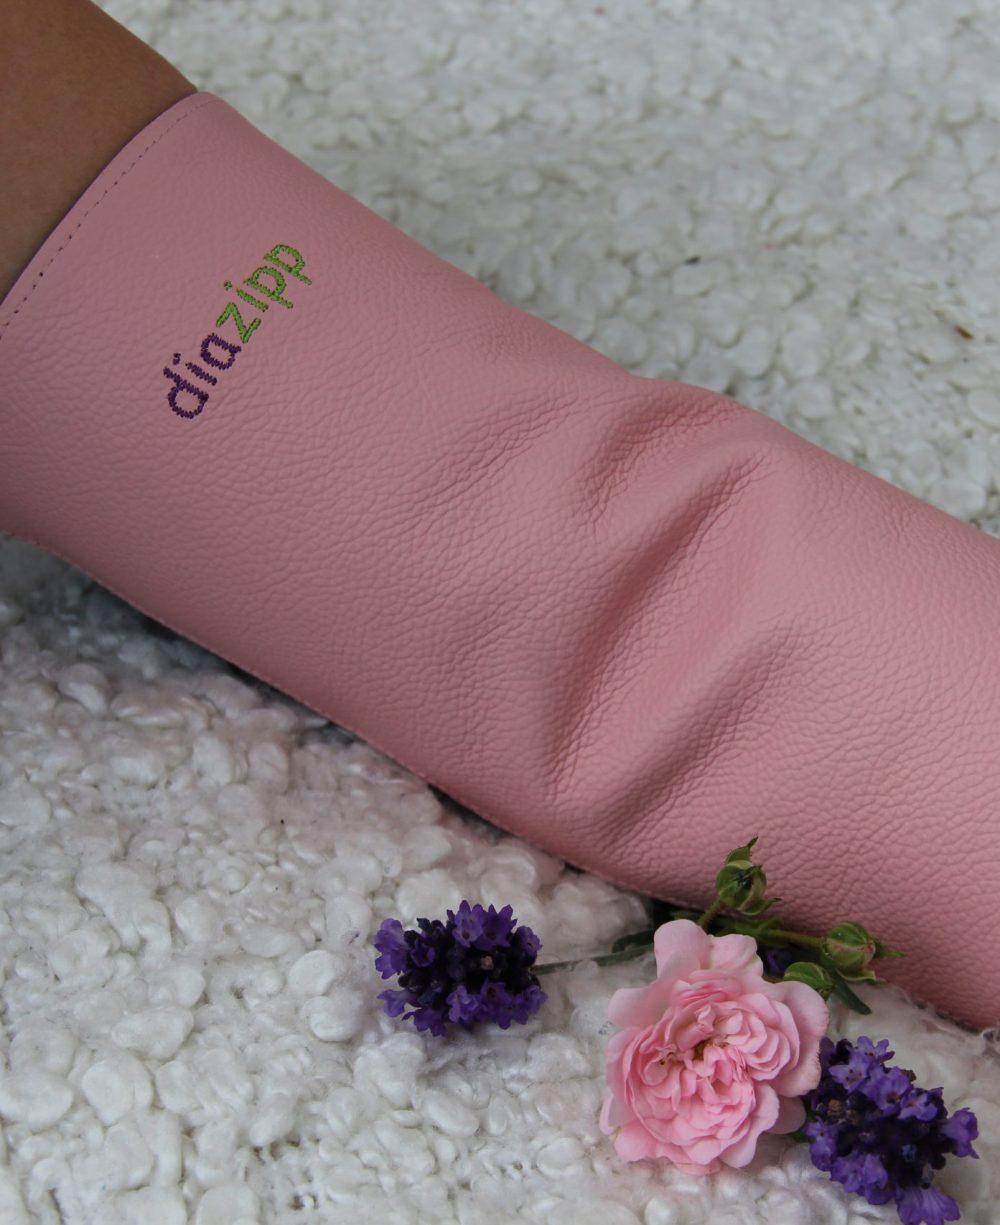 rosa-Damen-Ledershuntschutzband-Diazipp-Dialysebekleidung